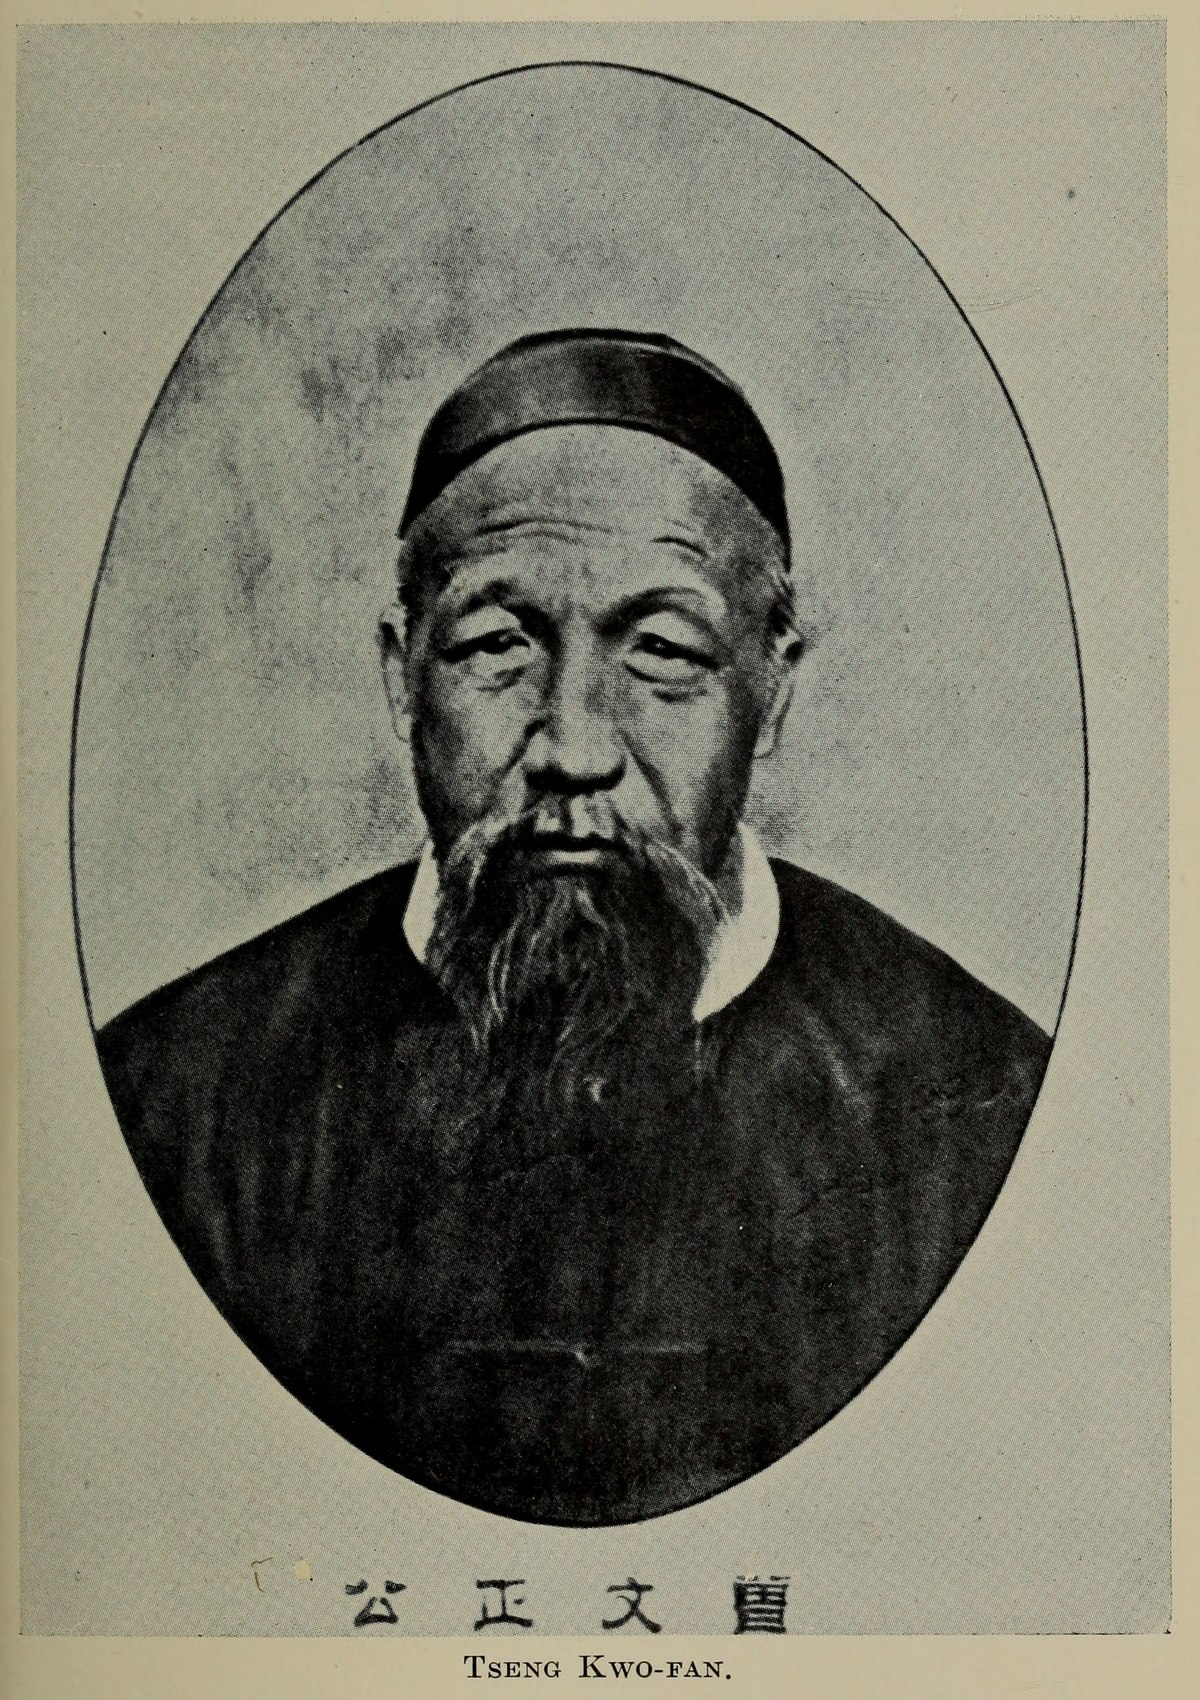 藩_曾国藩 - 维基百科,自由的百科全书